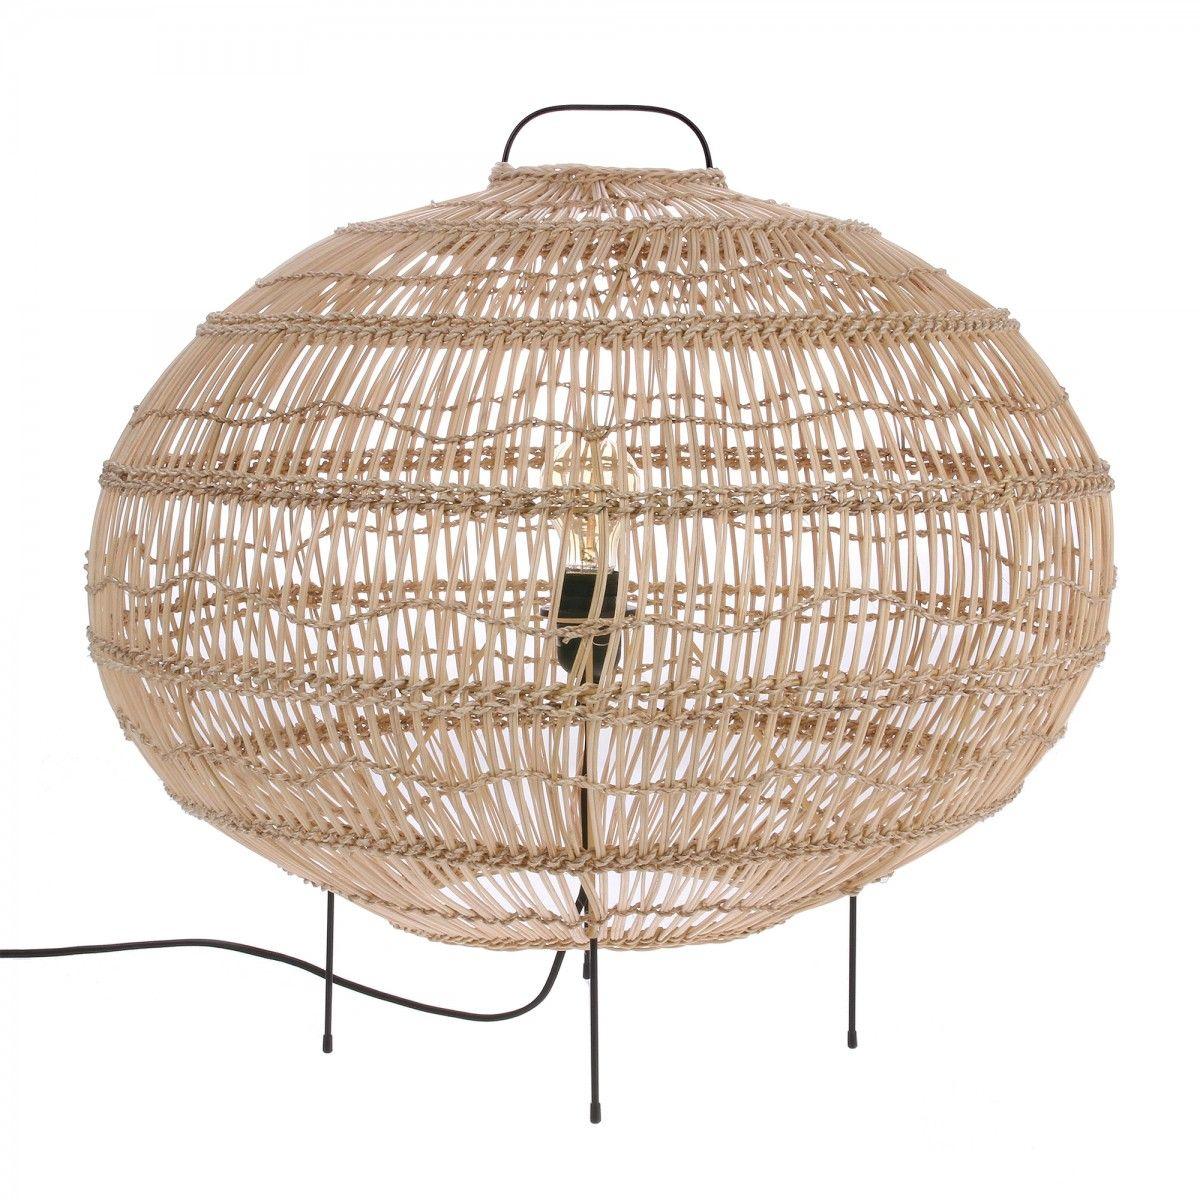 Lampe De Sol Ovale Wicker En Osier Hk Living Wicker Floor Lamp